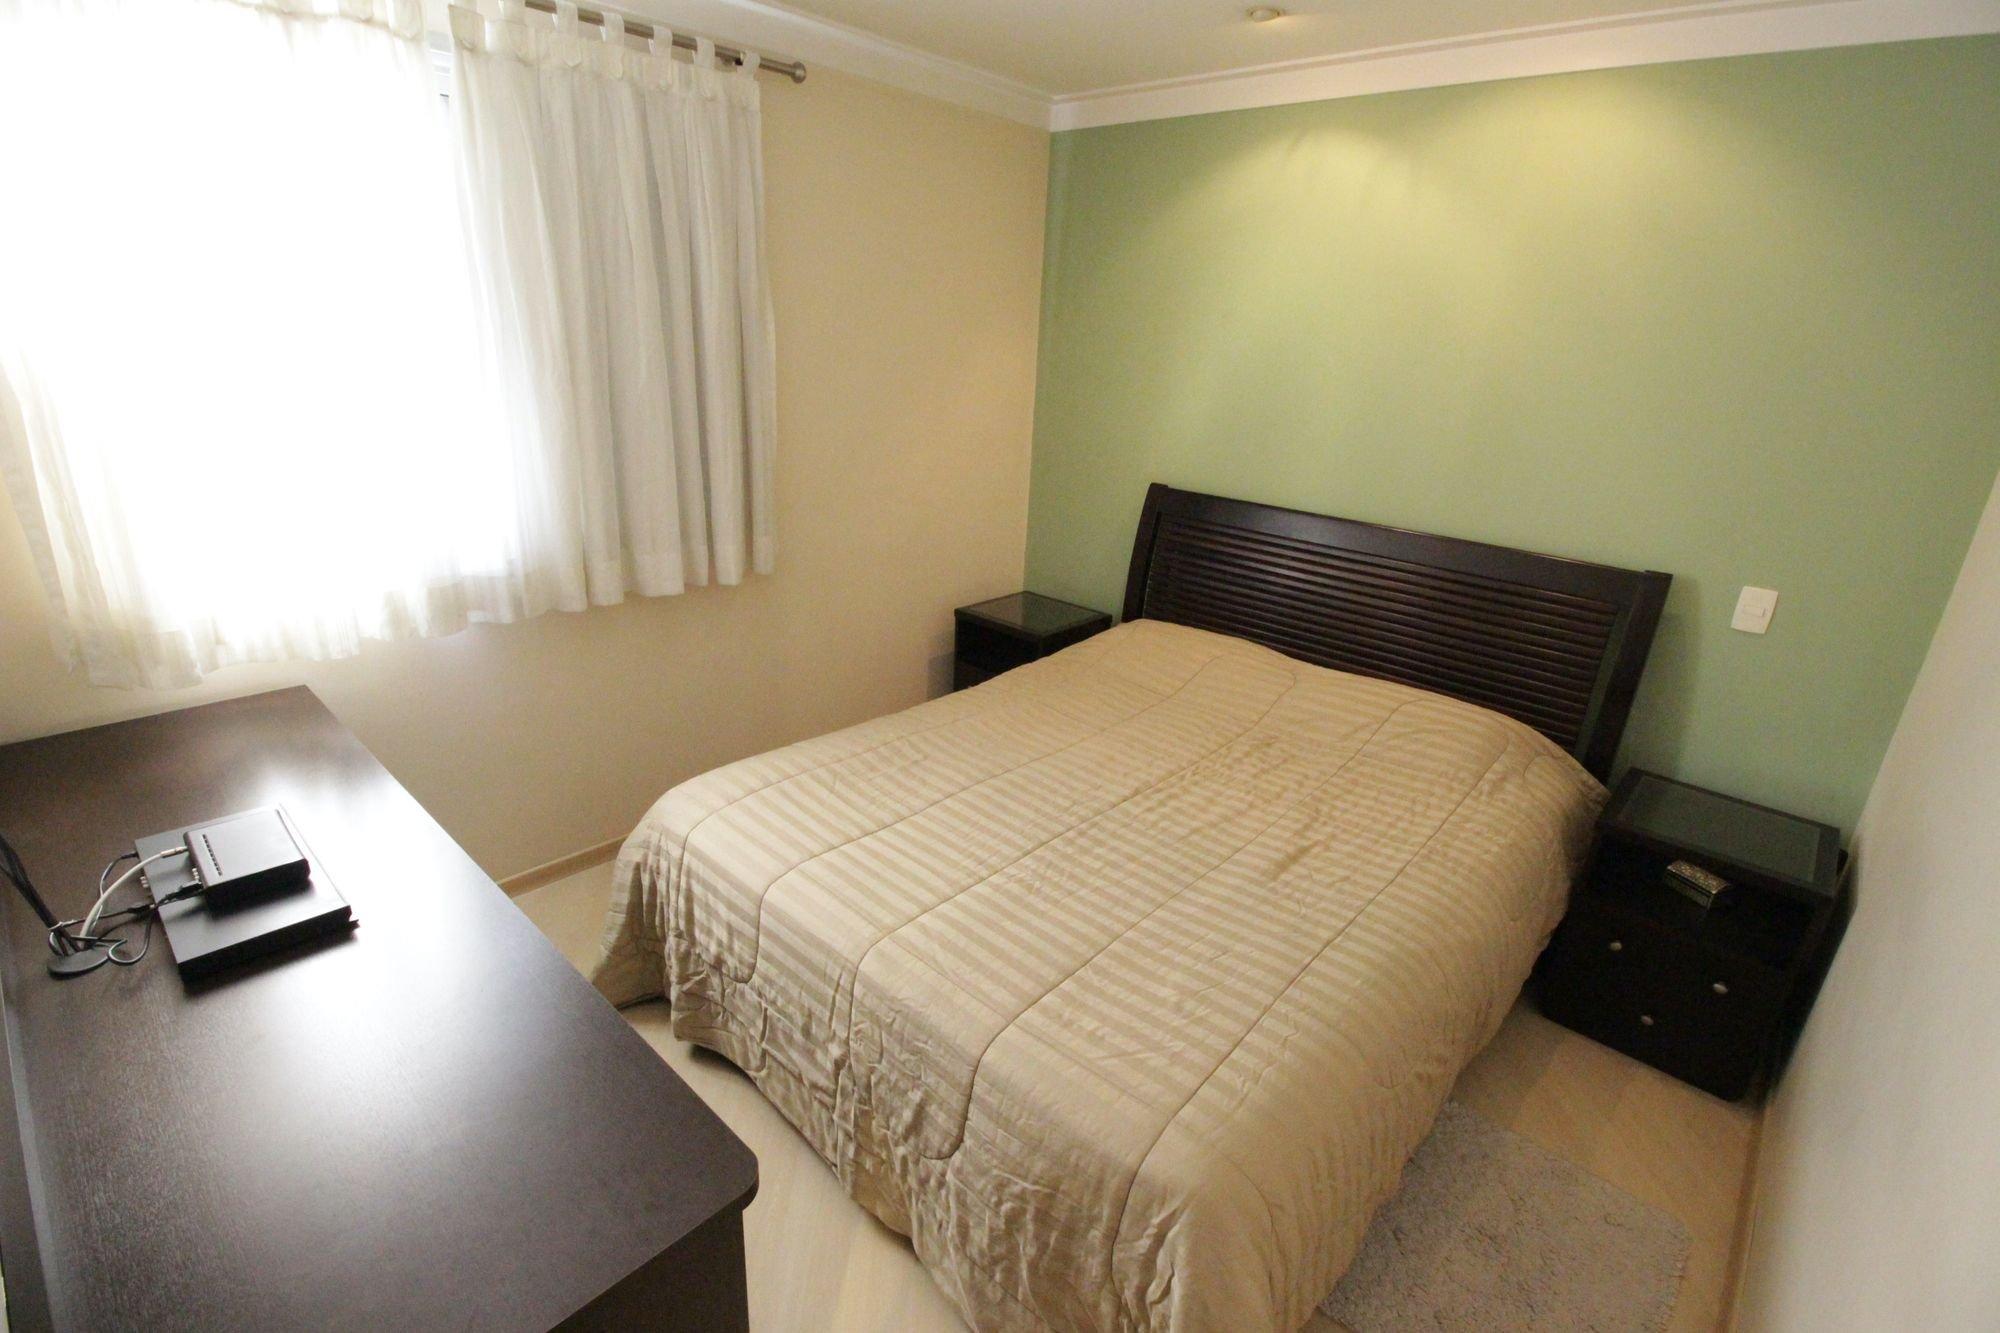 Foto de Quarto com cama, mesa de jantar